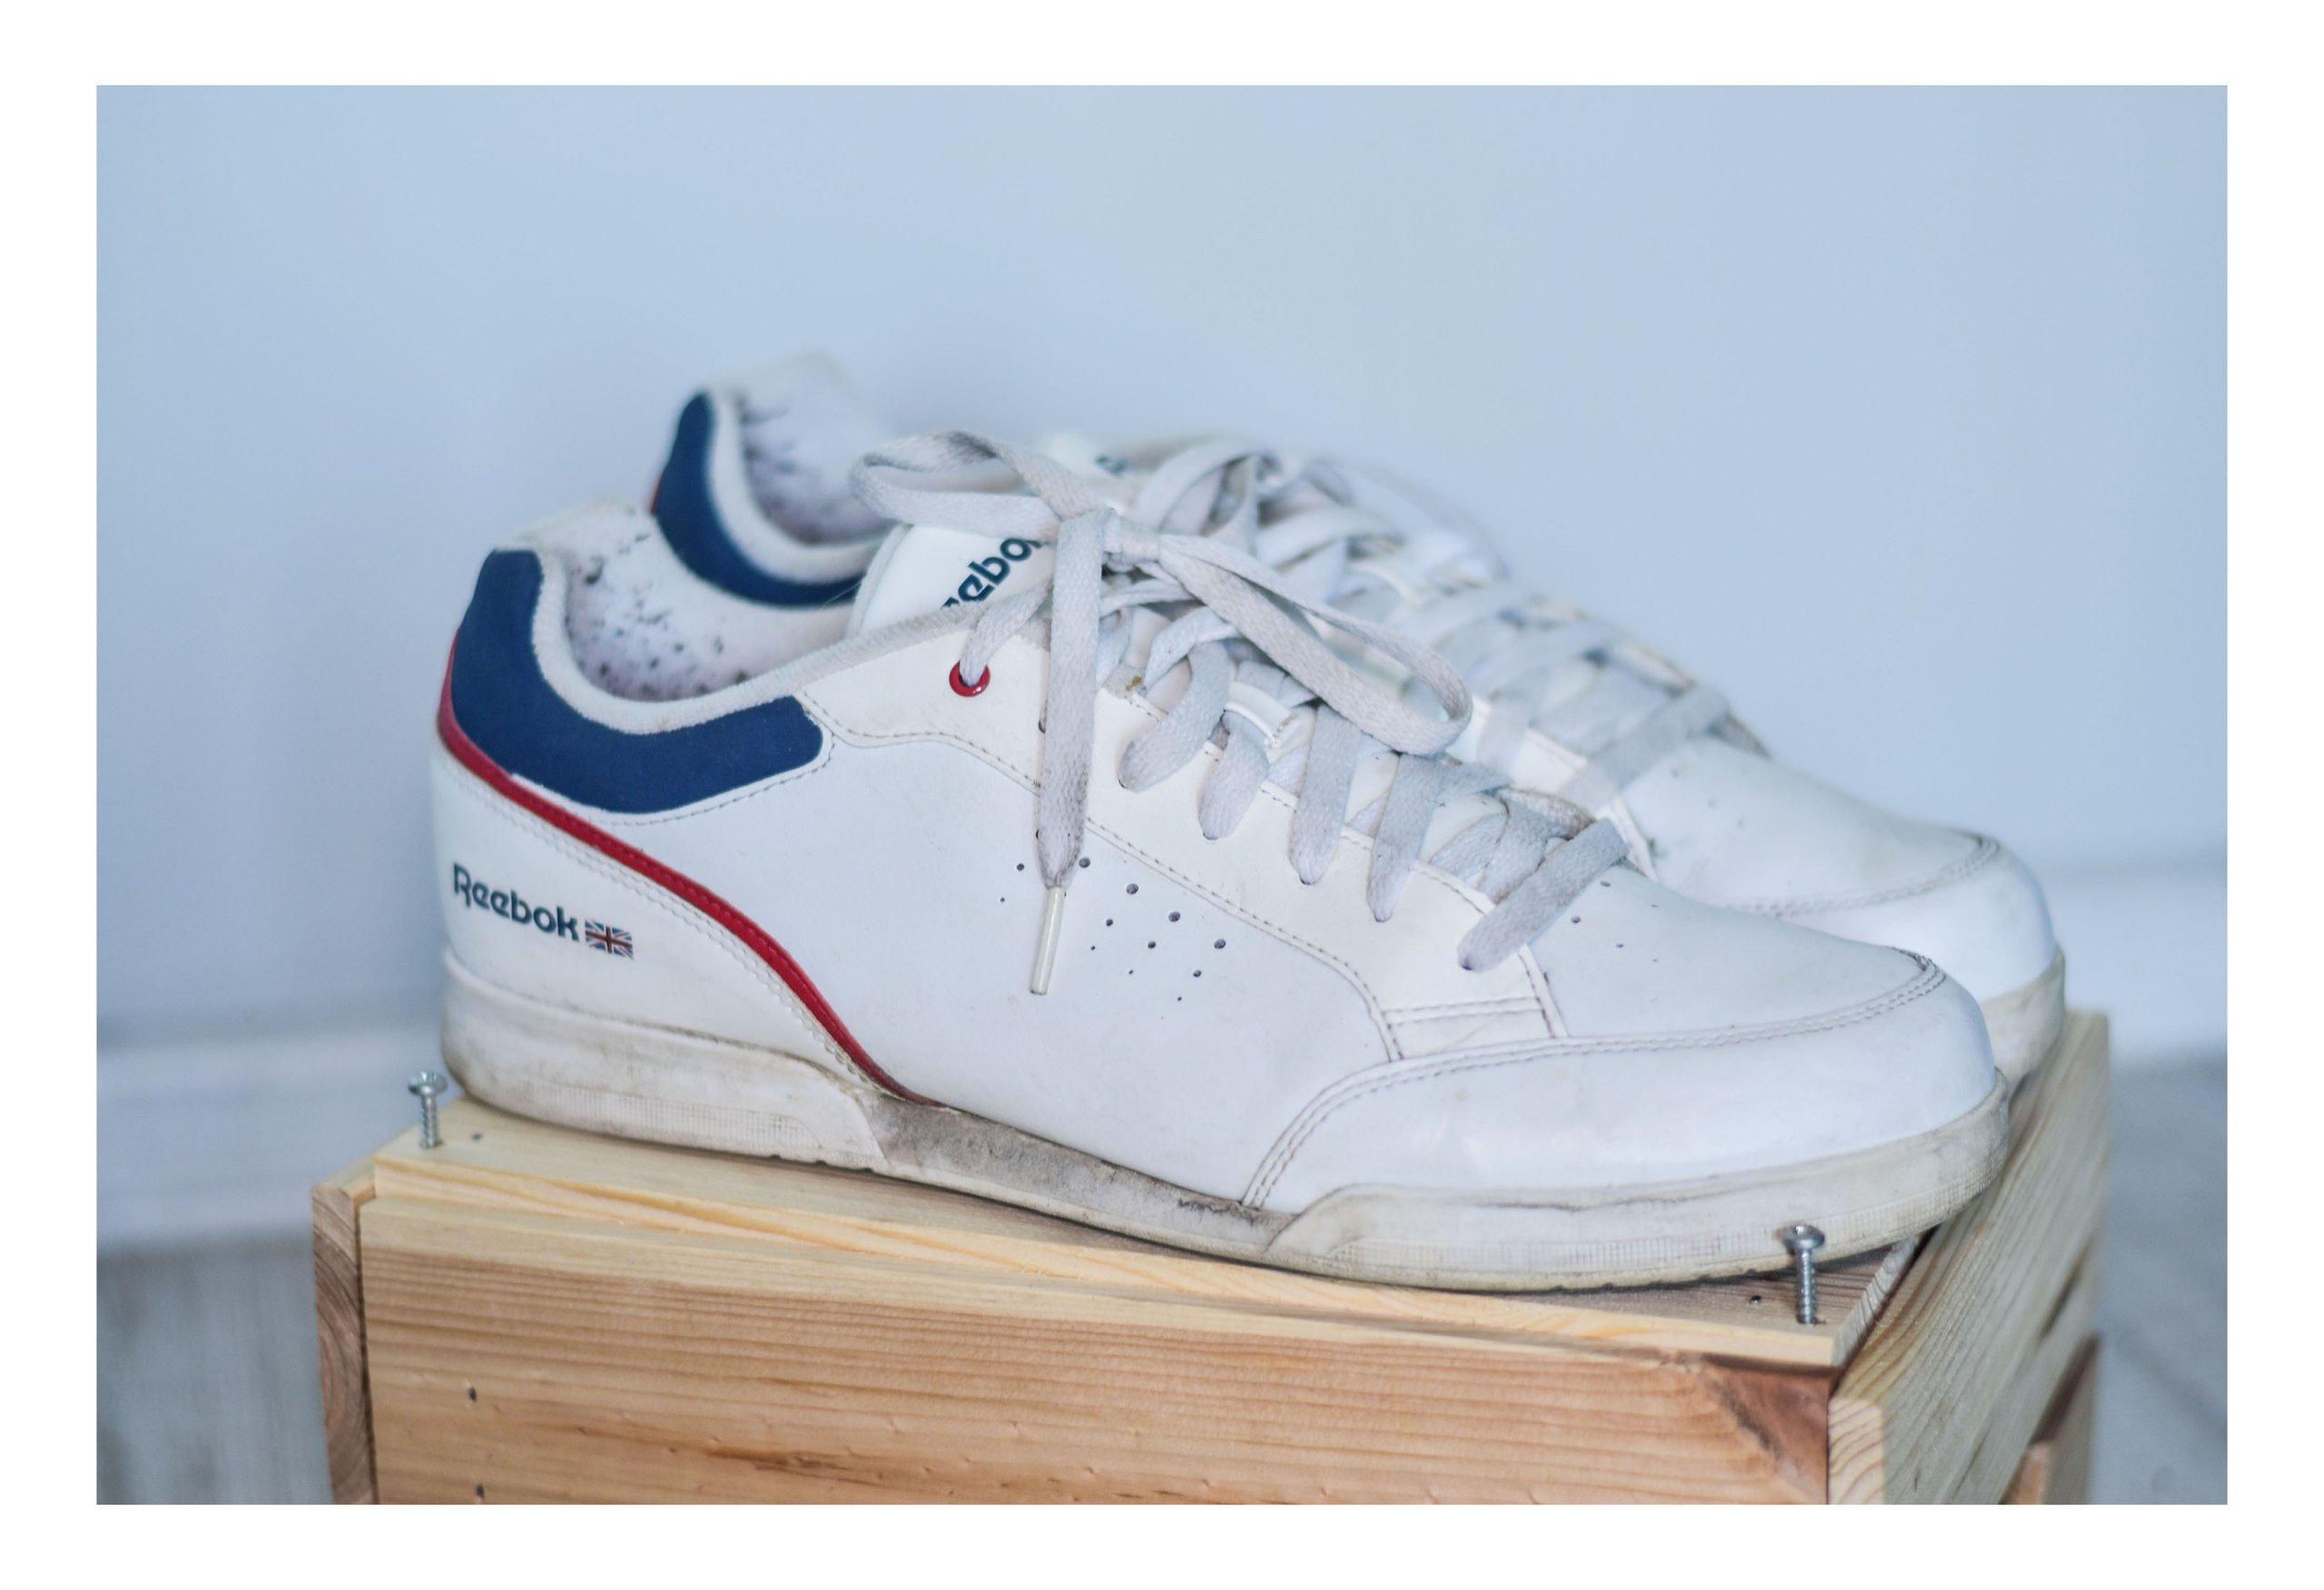 5eef3a94 męskie buty firmy reebok r.47 - 7382756387 - oficjalne archiwum allegro